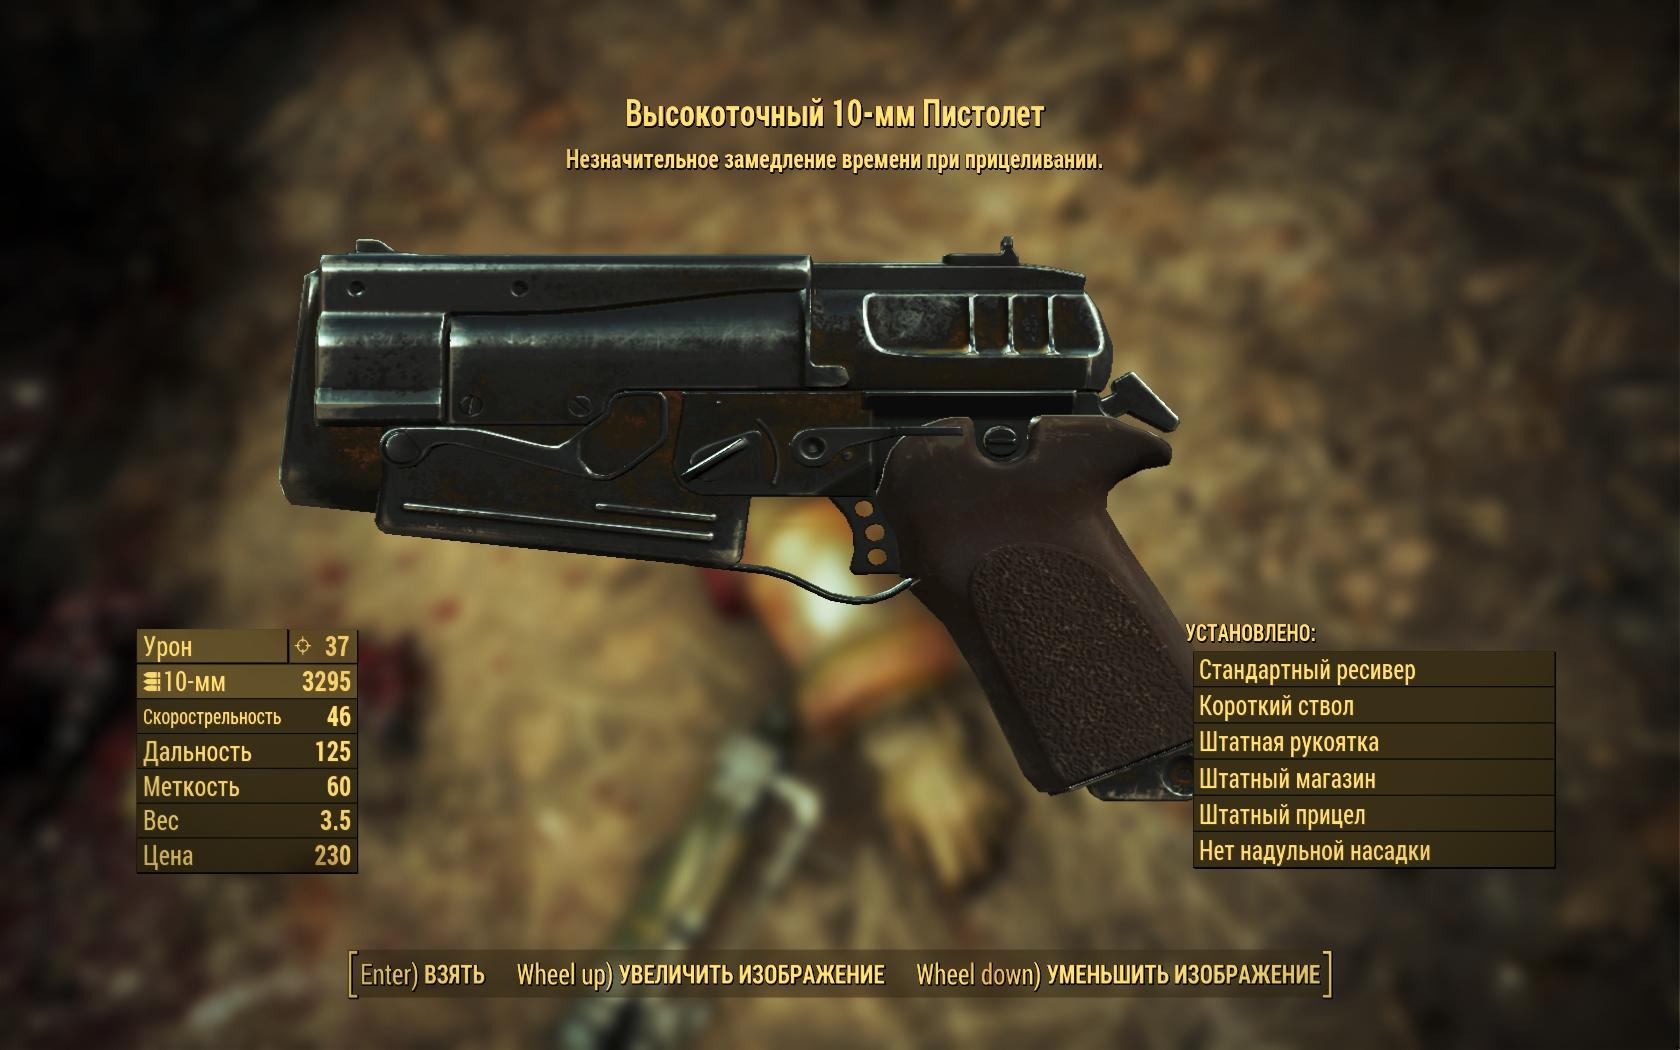 Высокоточный 10-мм пистолет - Fallout 4 10-мм, Высокоточный, Оружие